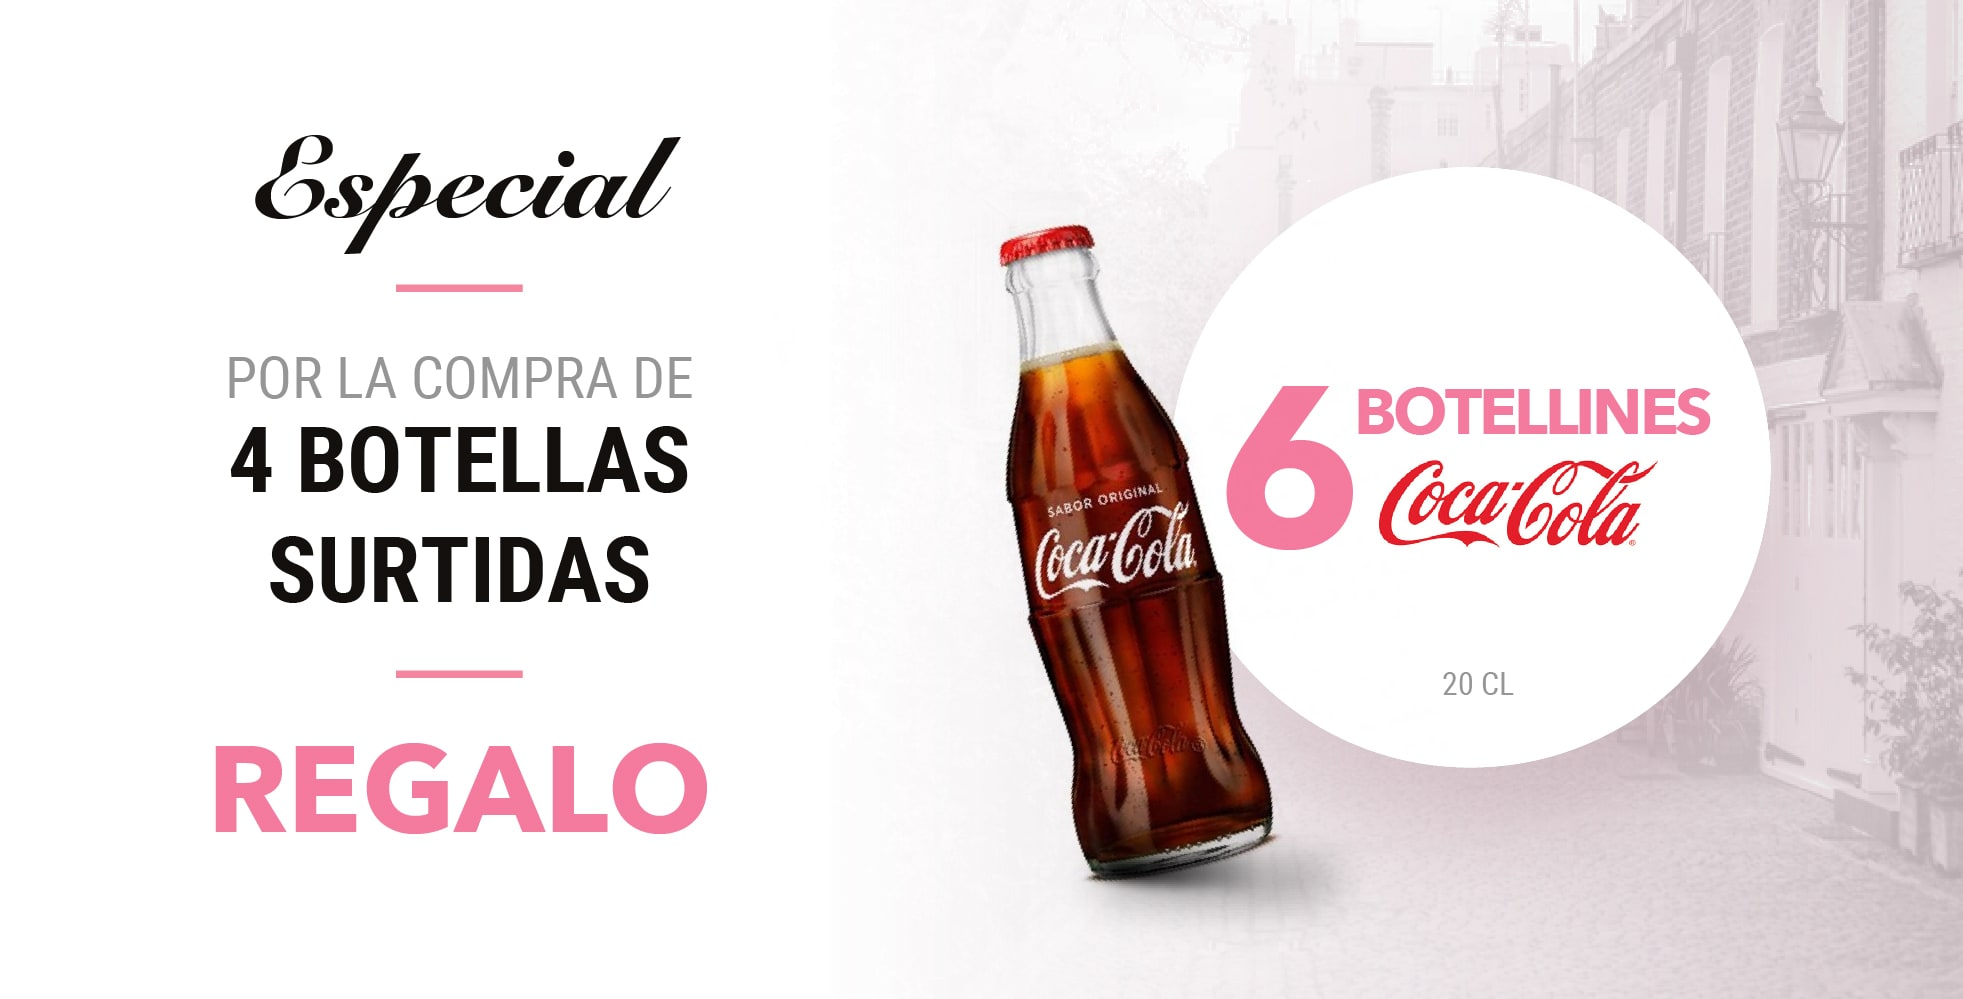 Especial Coca-cola